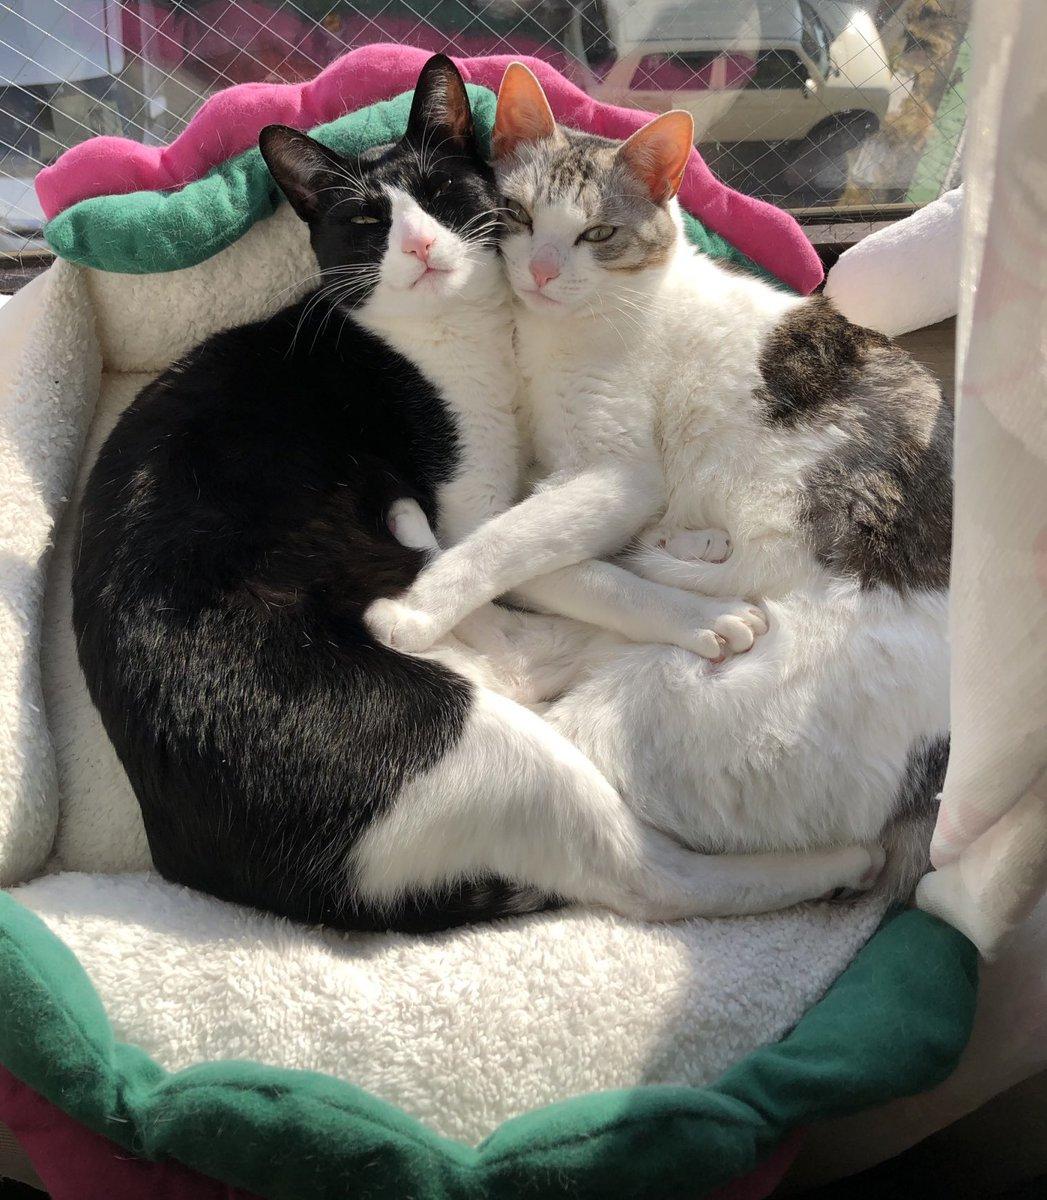 お互いが居ればそれ以外いらないの。#猫 #大豆姉妹